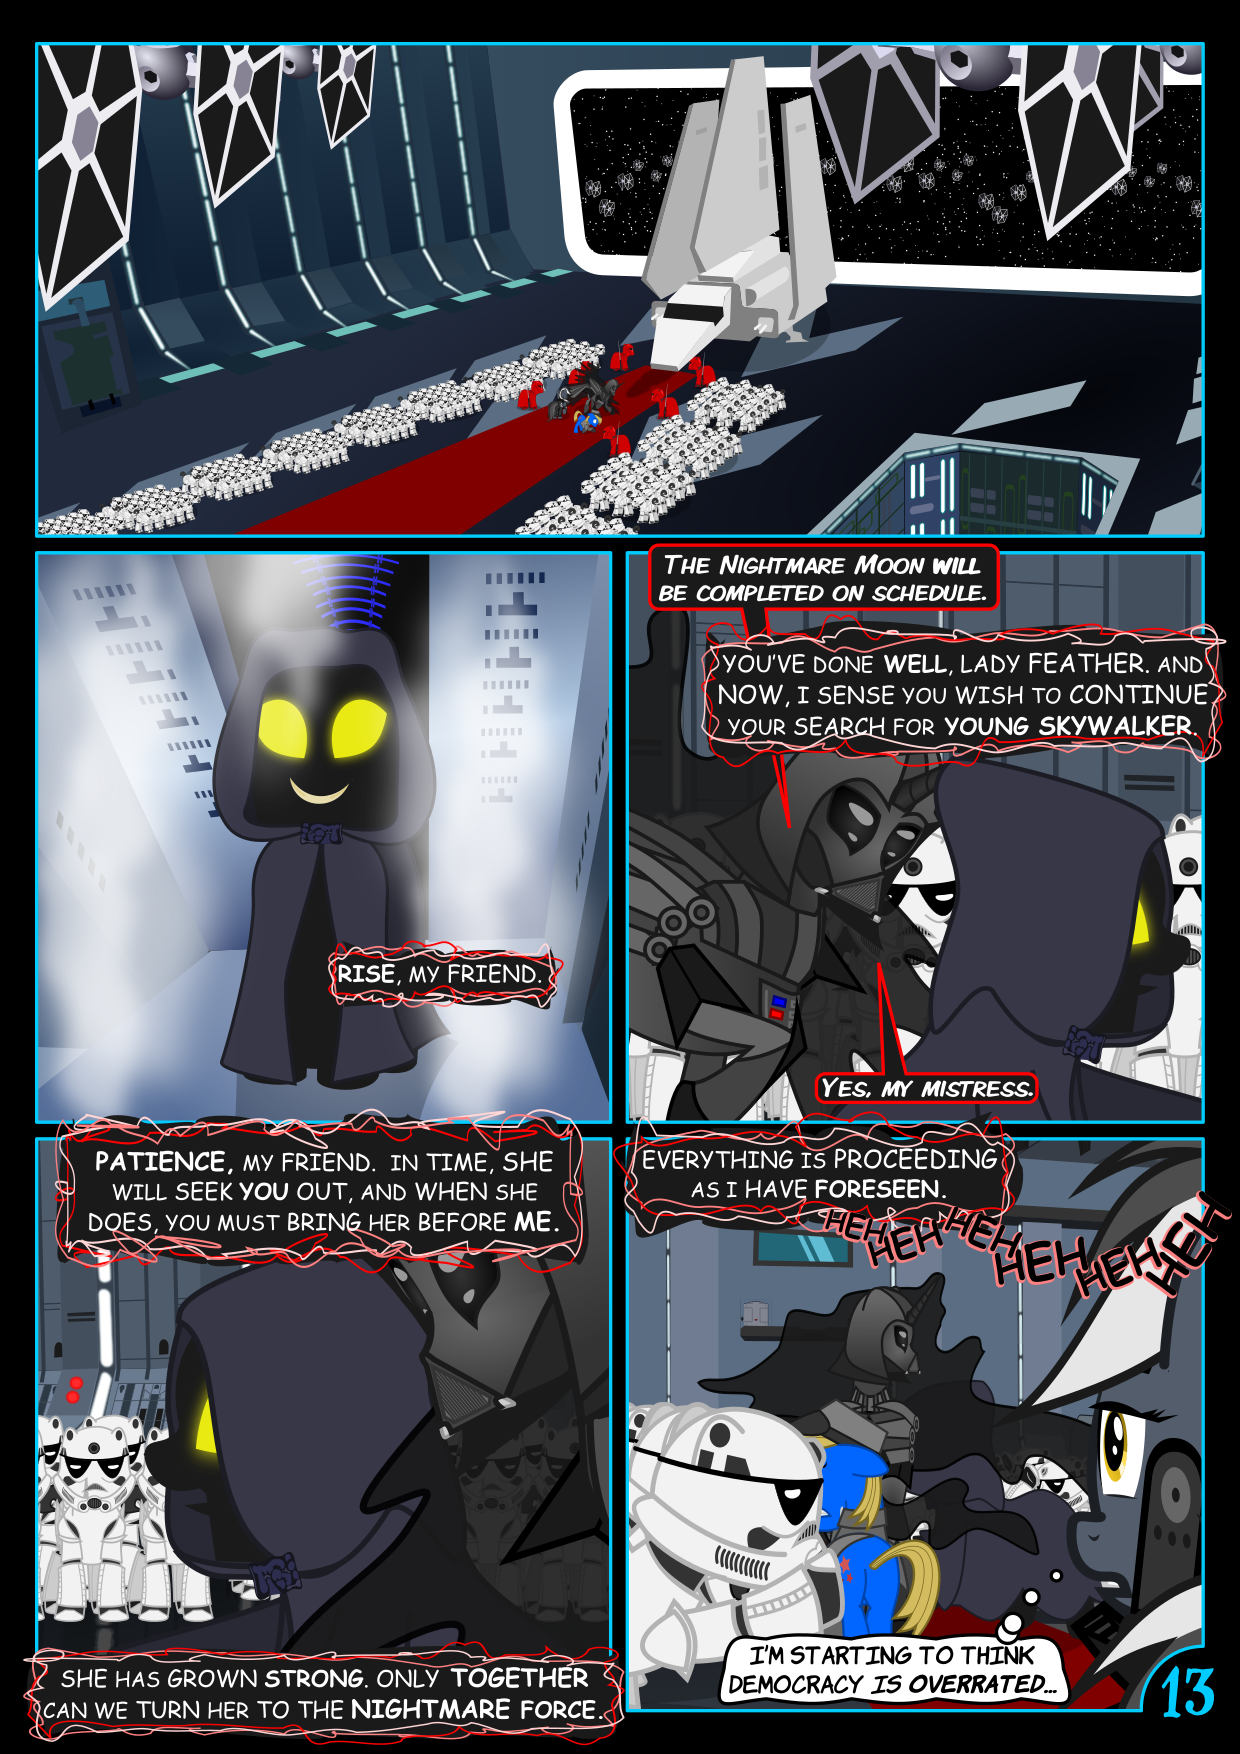 Star Mares 3.2.13: Dark Side